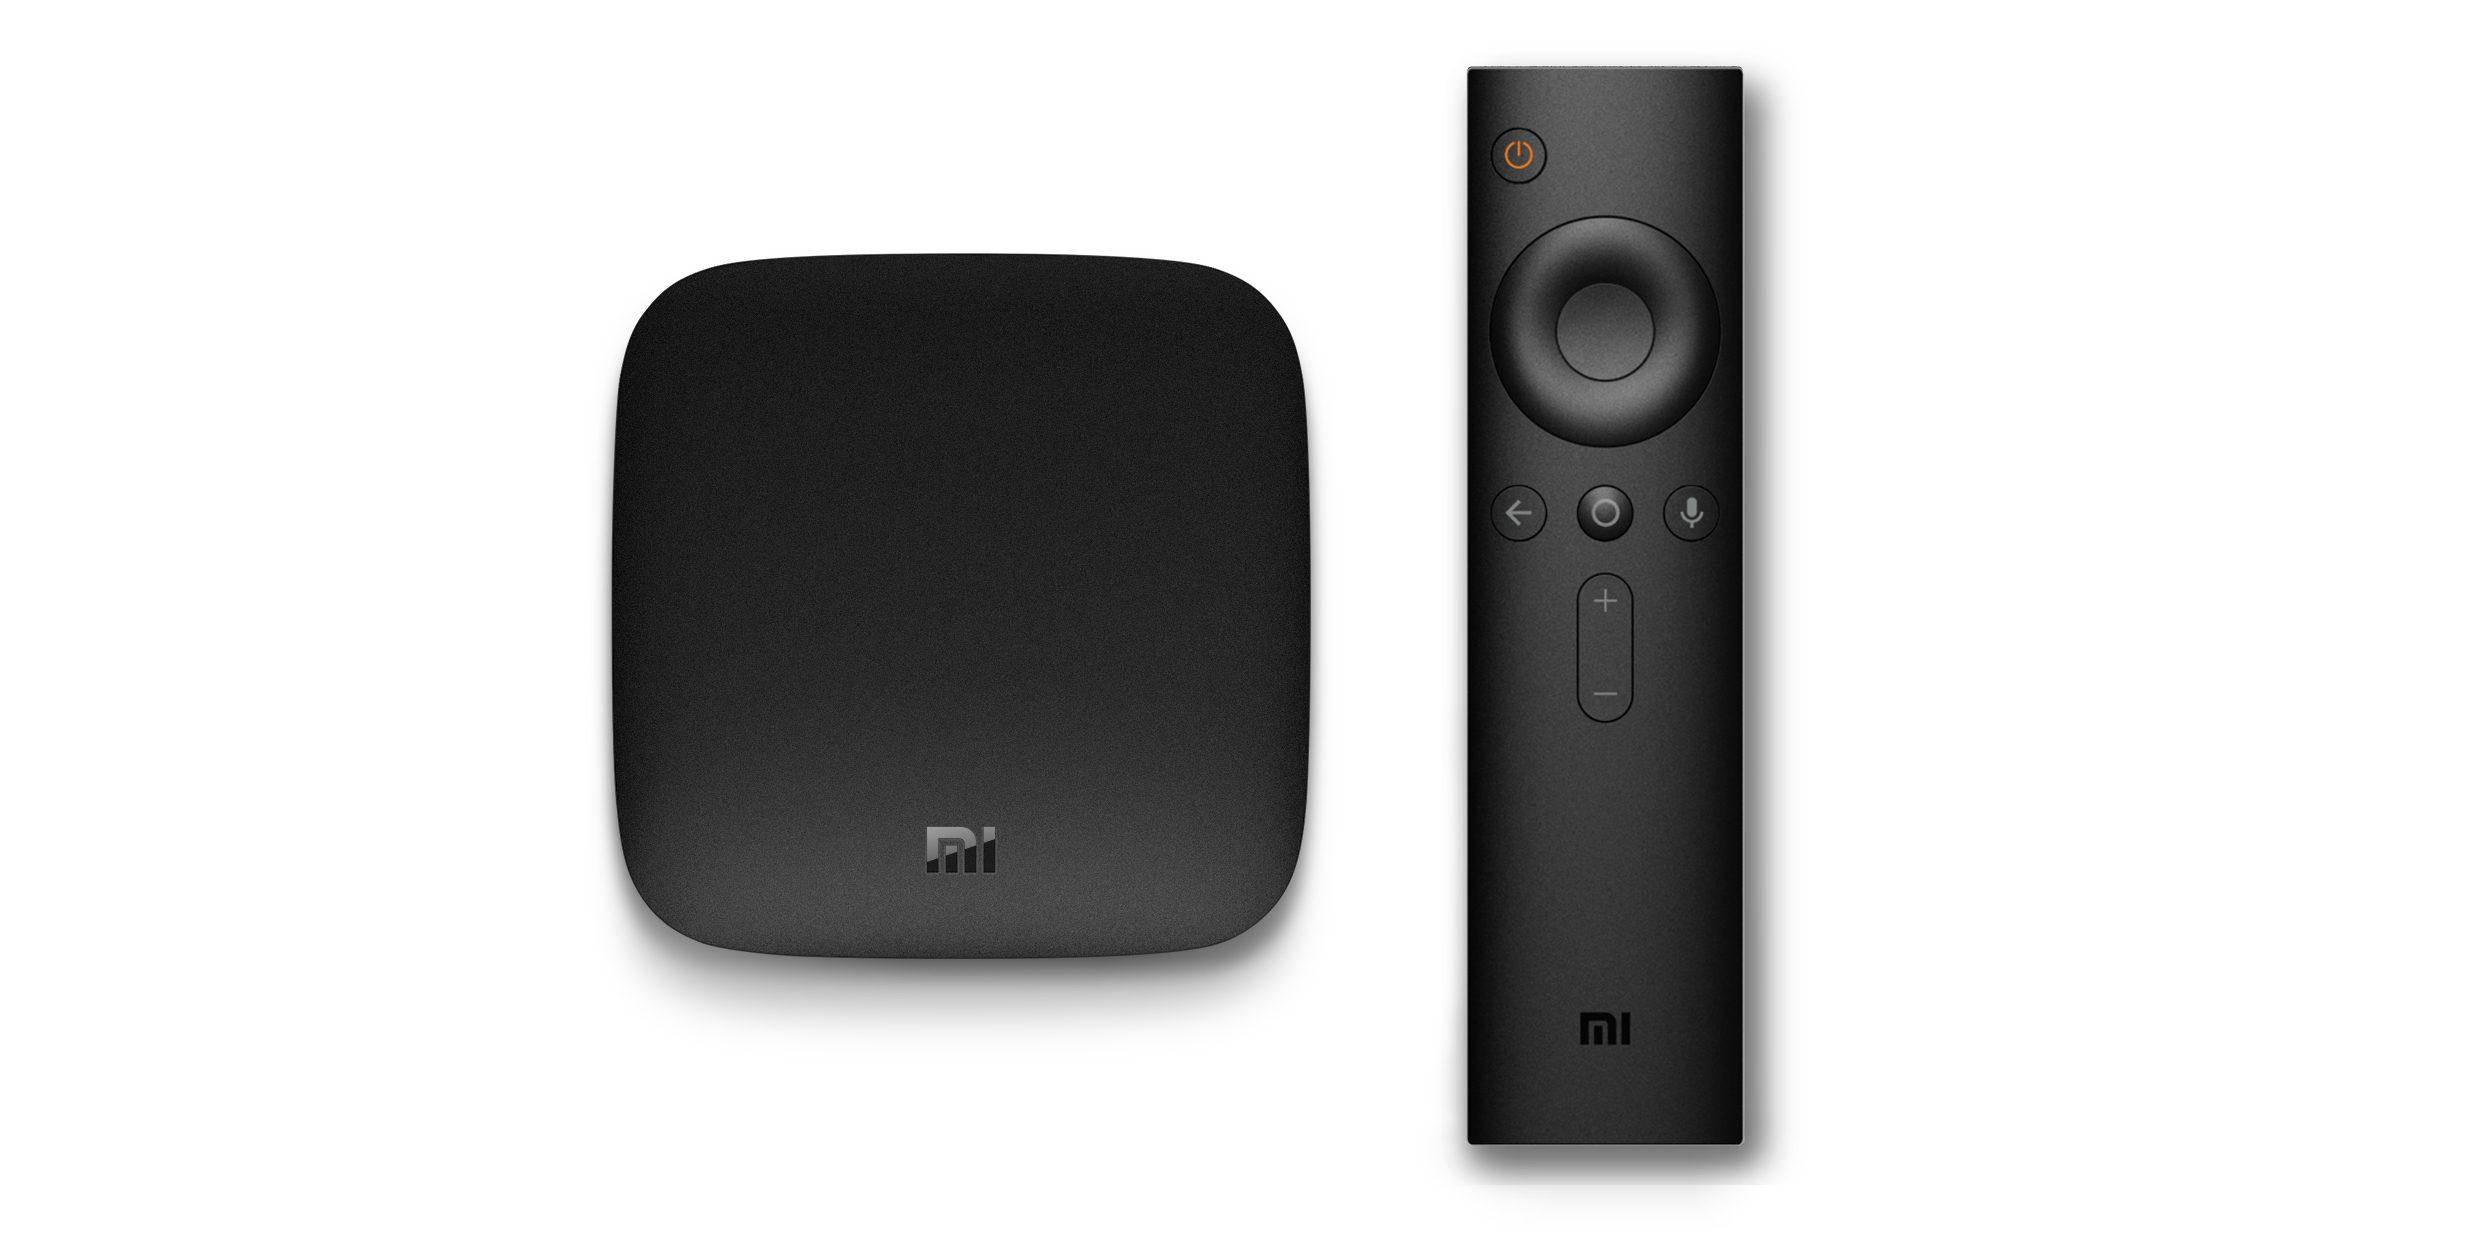 Xiaomi Mi Box El Nuevo Set Top Box 4k Basado En Android Tv